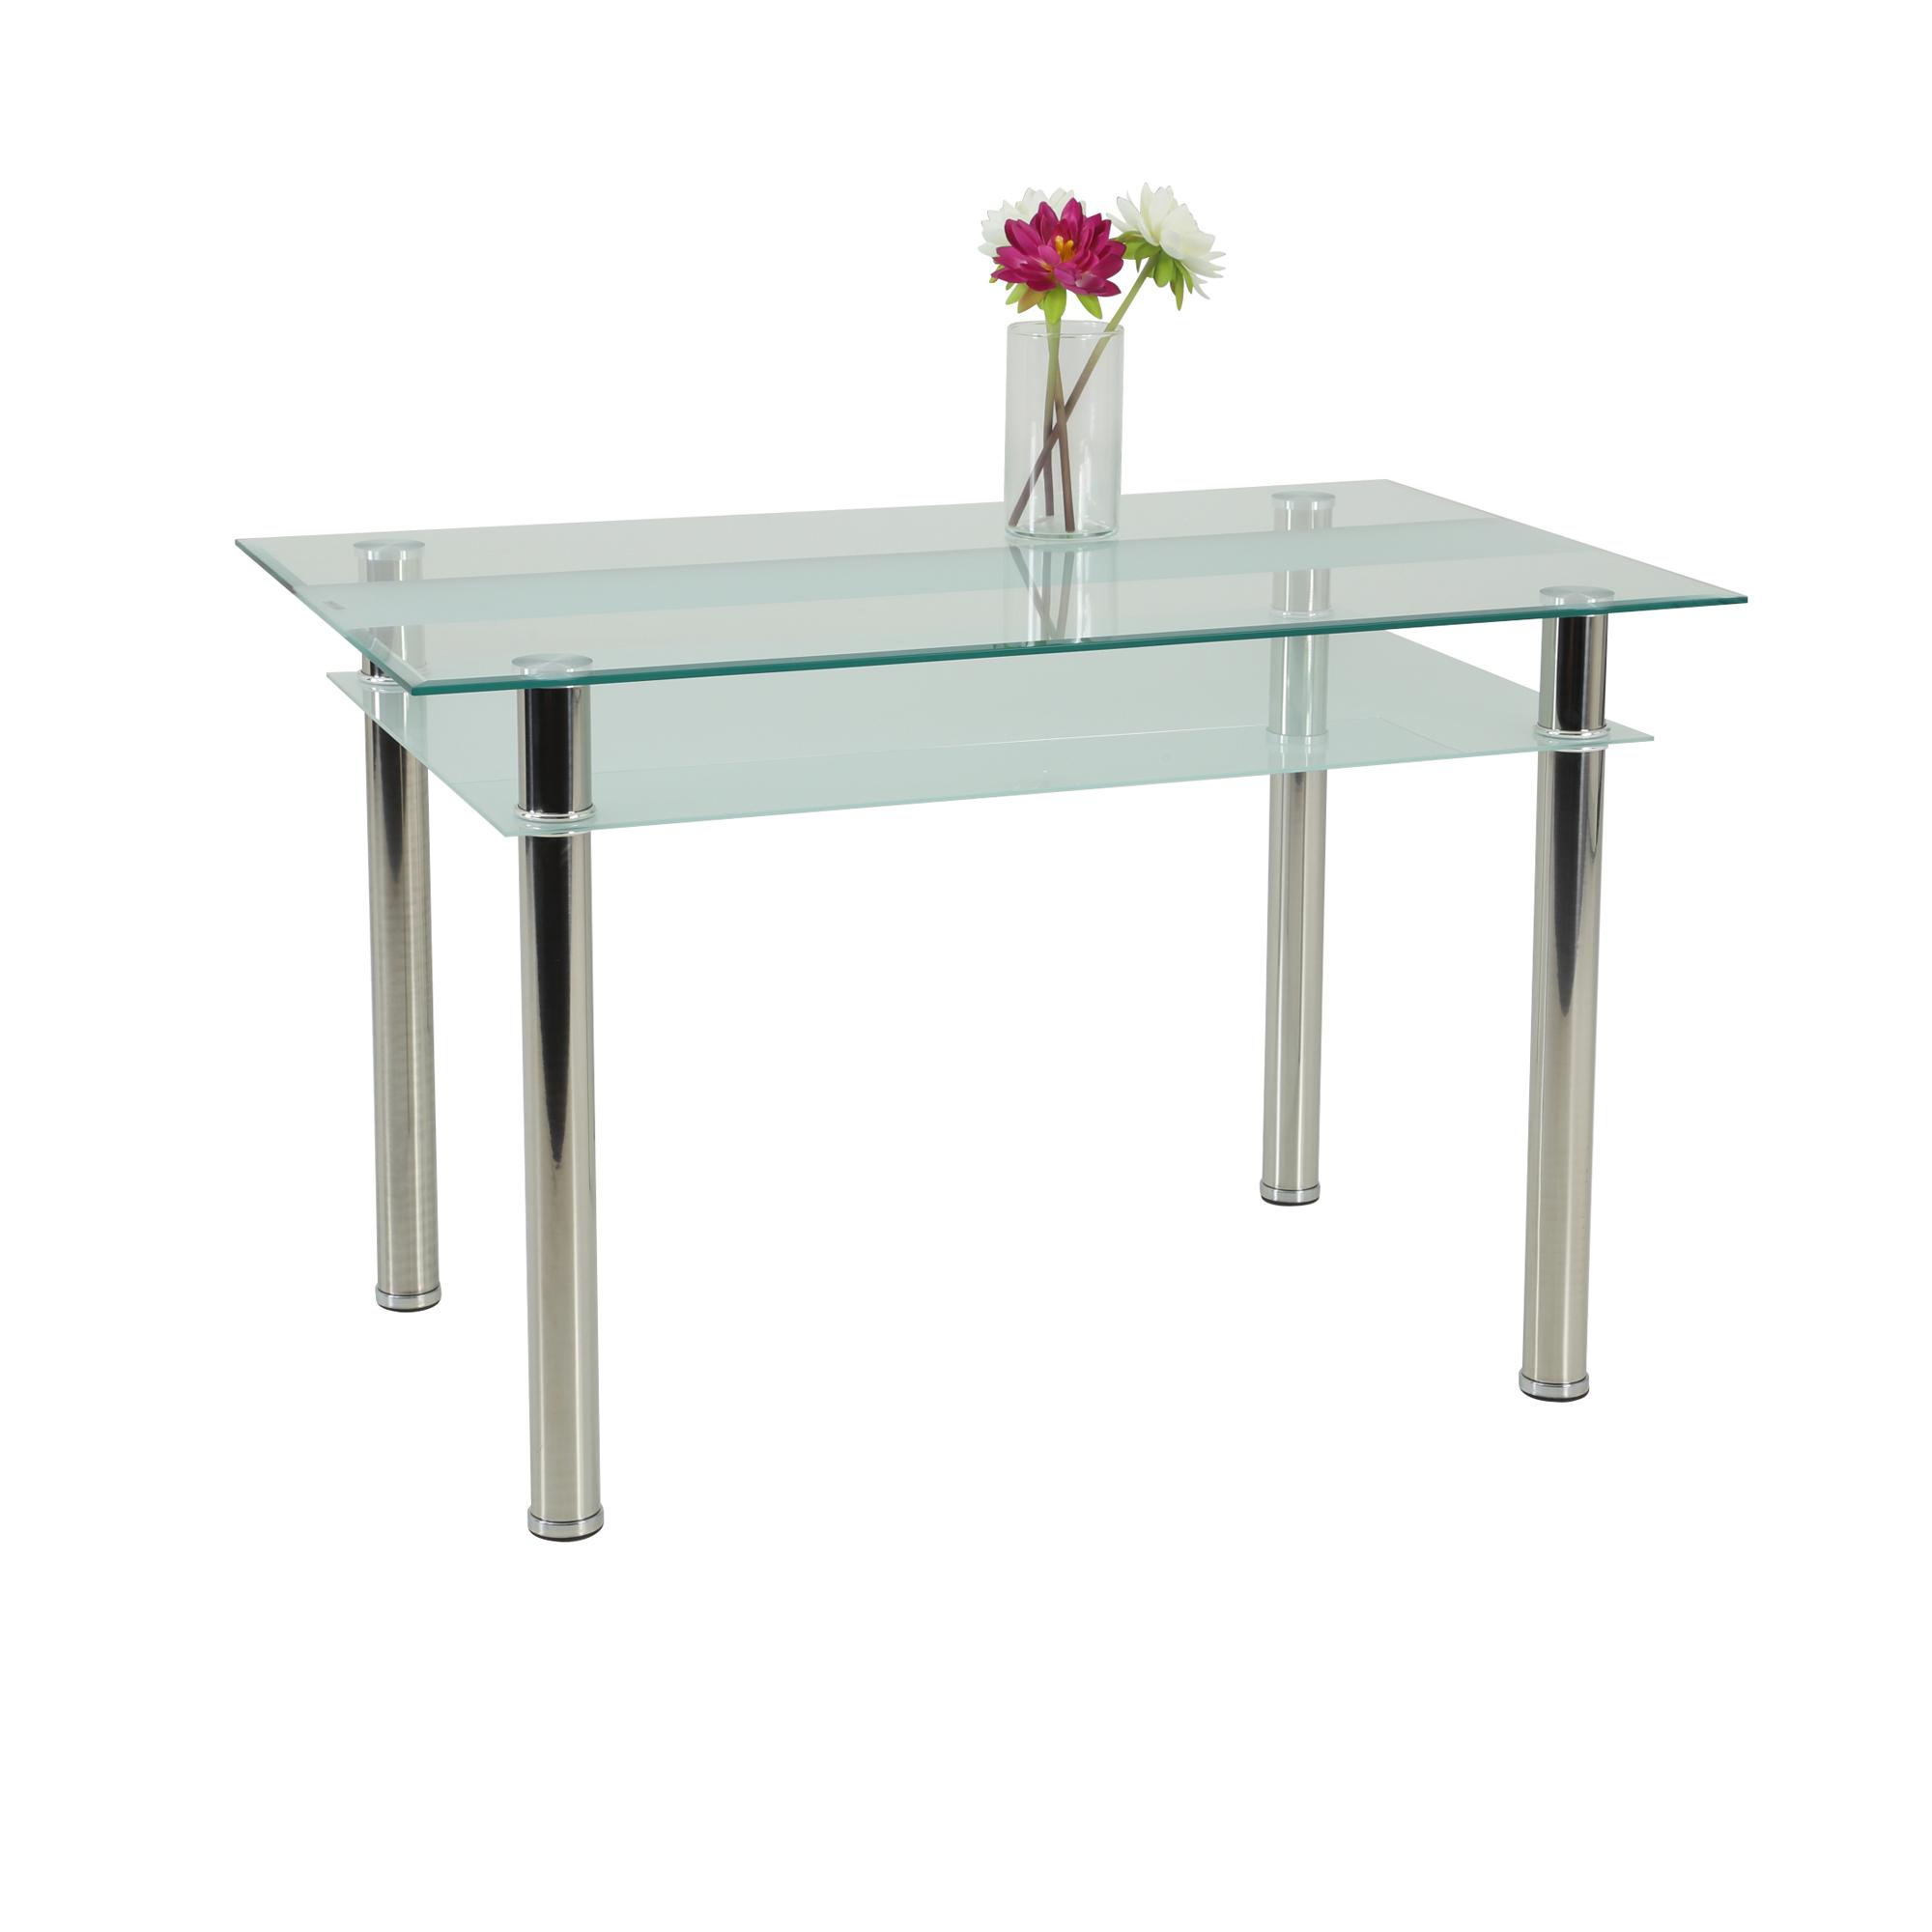 Esstisch KATHARINA Glastisch mit Ablageboden 120 x 70